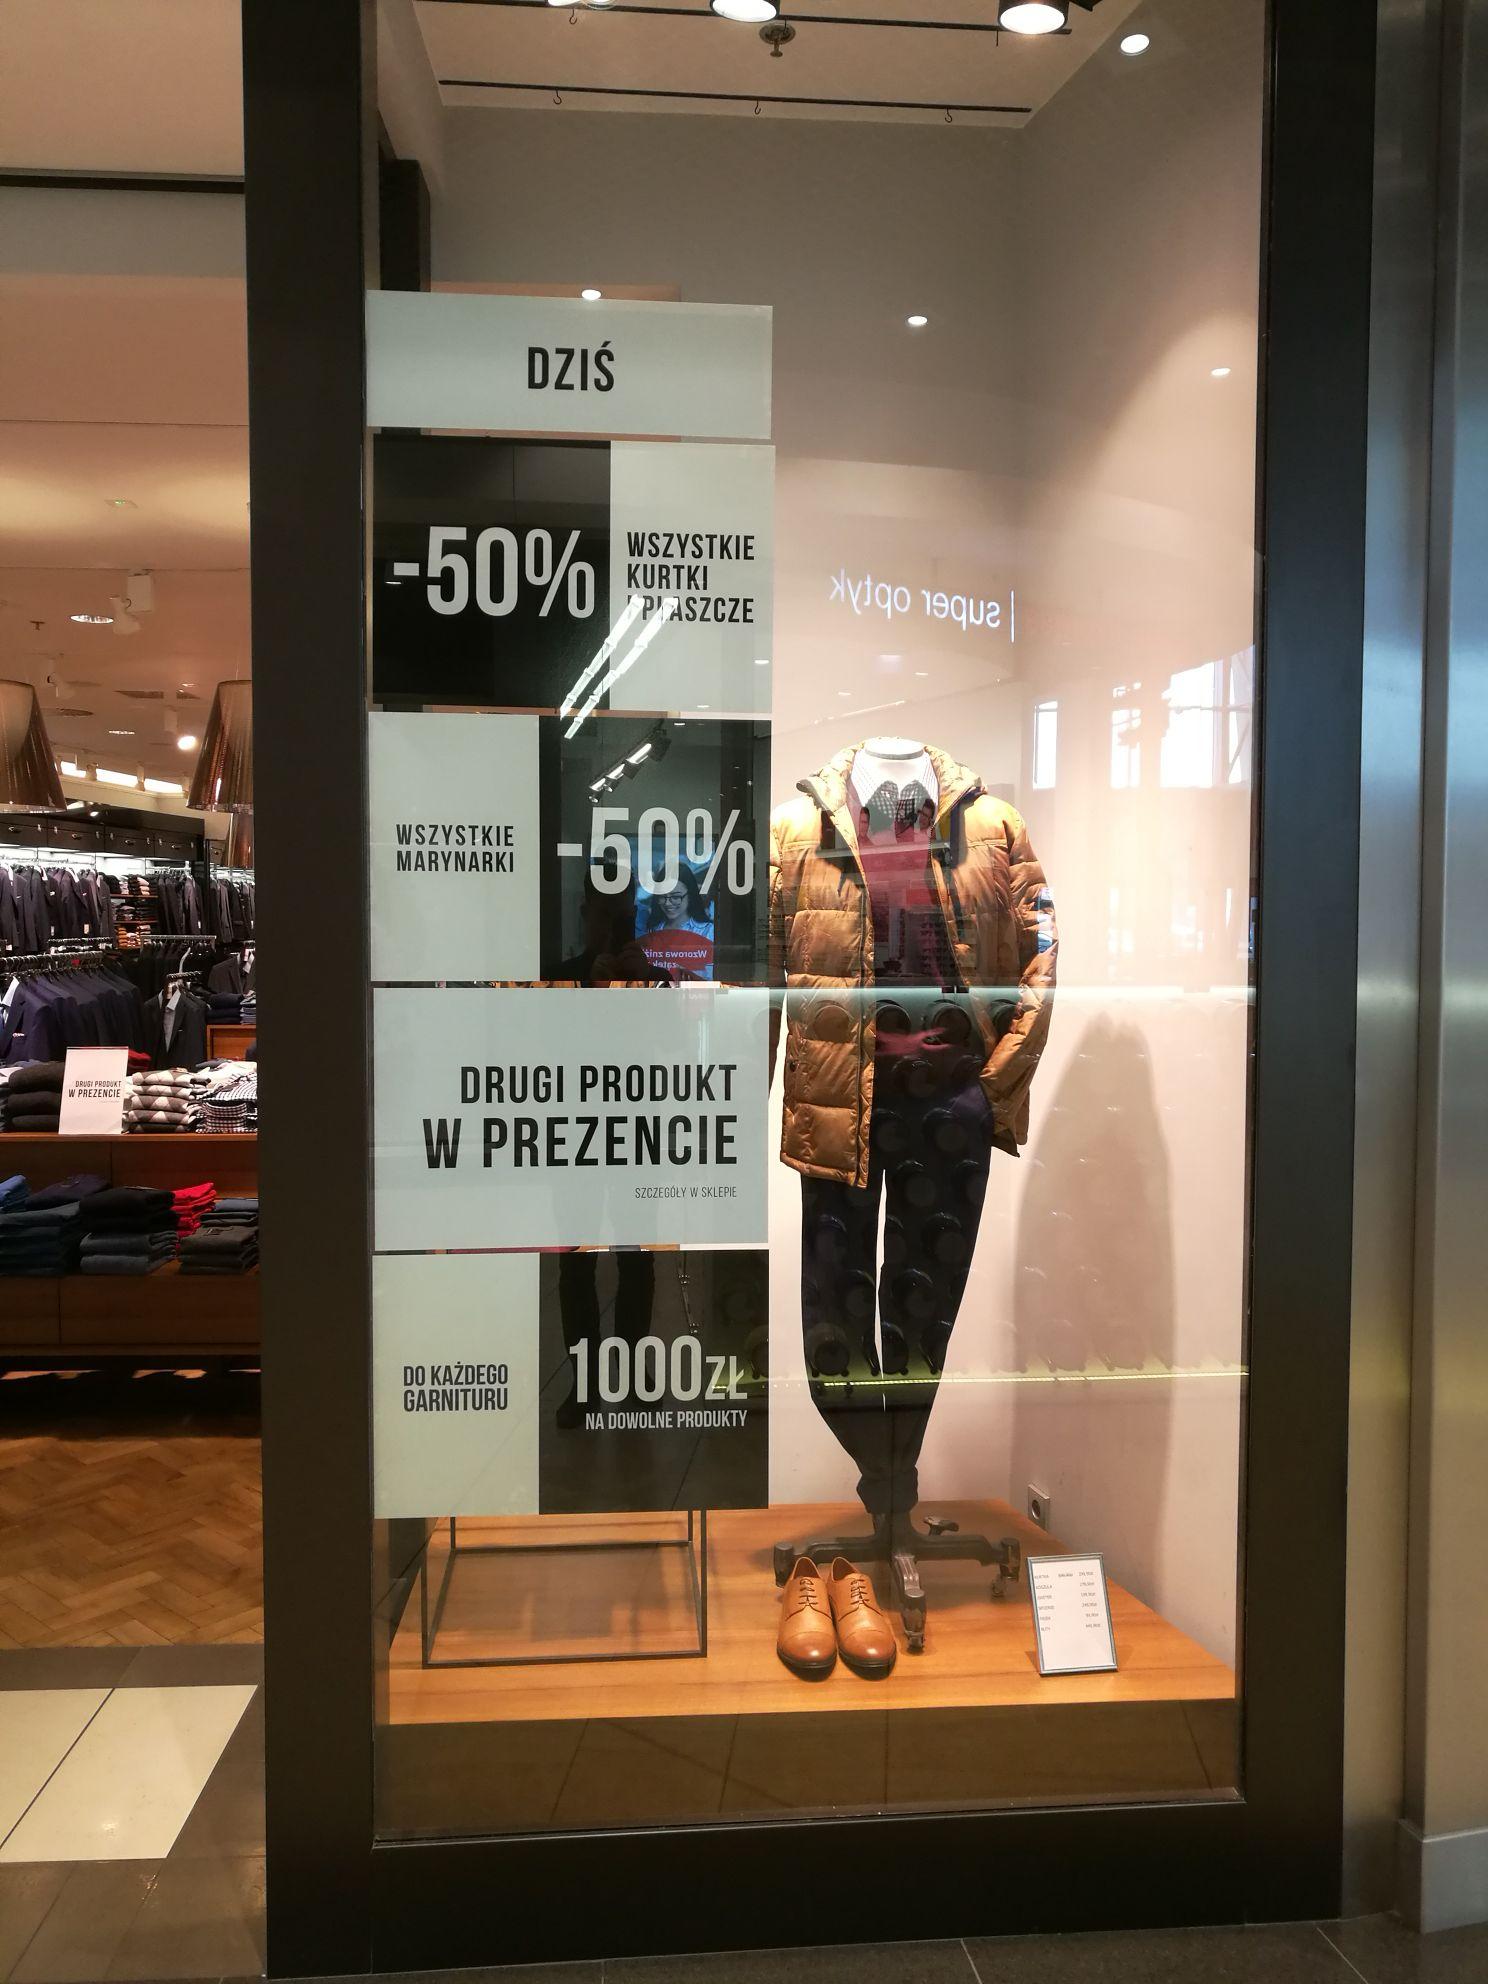 Promki w Bytom do -50%